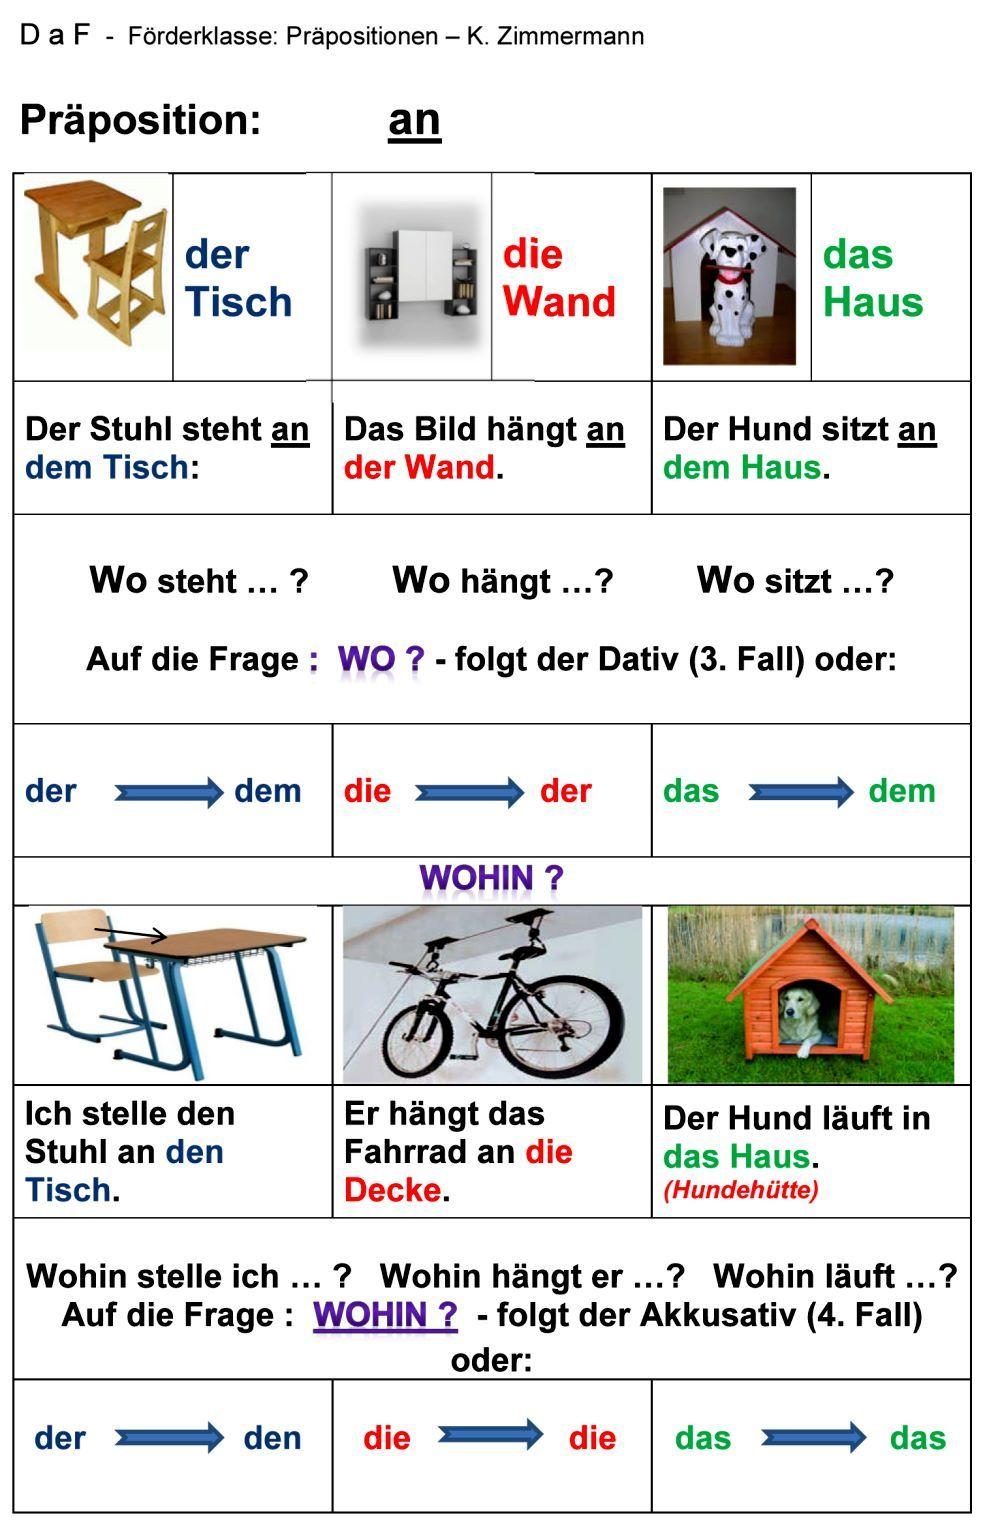 deutsch als fremdsprache daf daz grammatik pr positionen schautafeln deutsch lernen. Black Bedroom Furniture Sets. Home Design Ideas